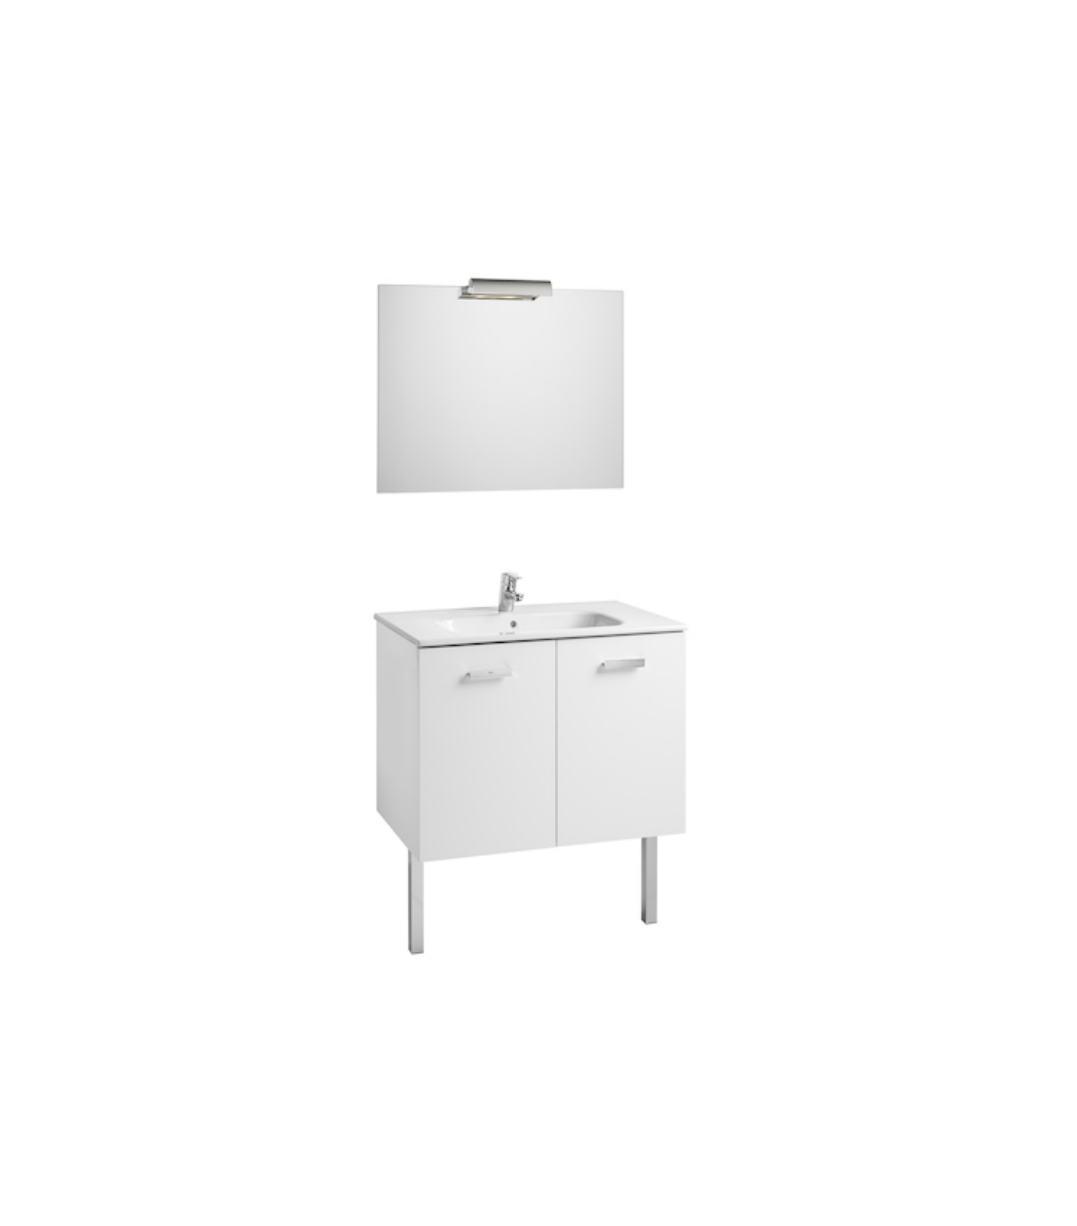 Conjunto mueble de ba o roca victoria basic 80x46 blanco for Muebles bano roca precios